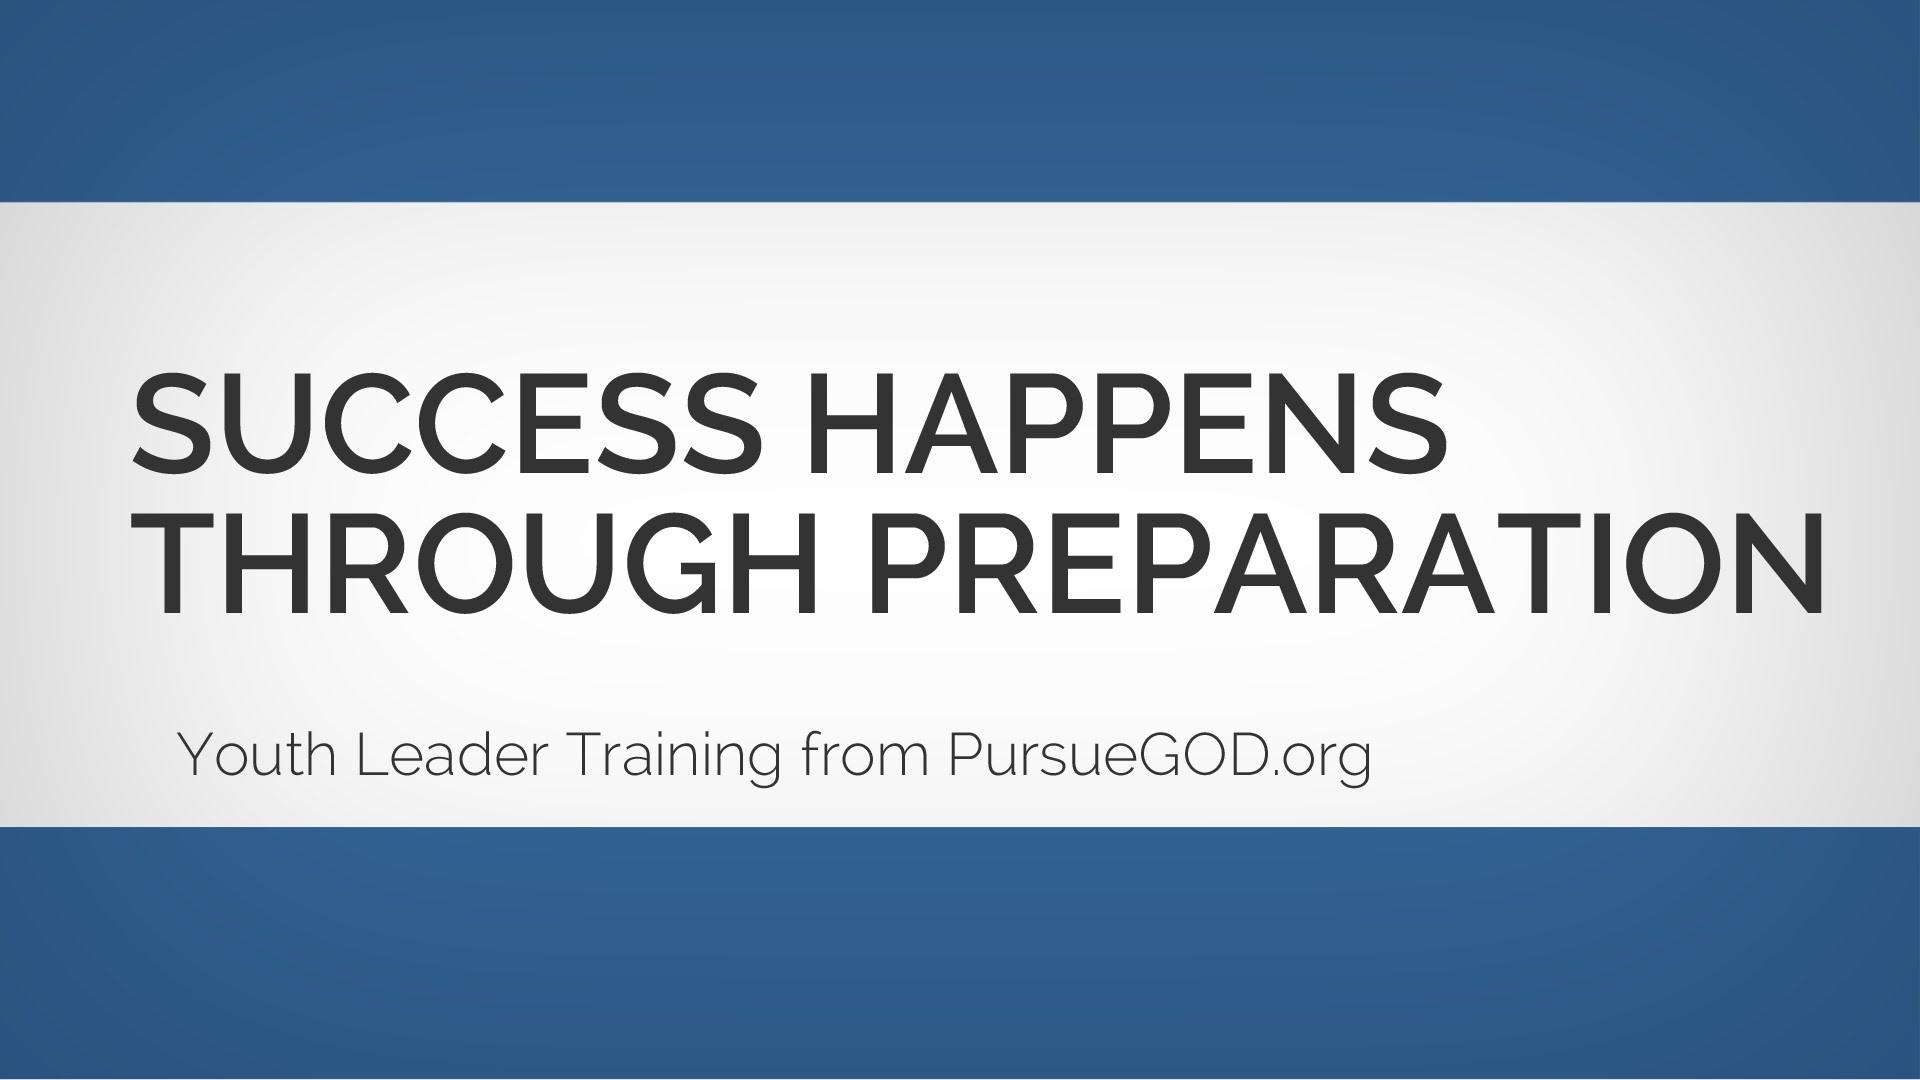 青少年リーダー養成:準備を通じて成功する